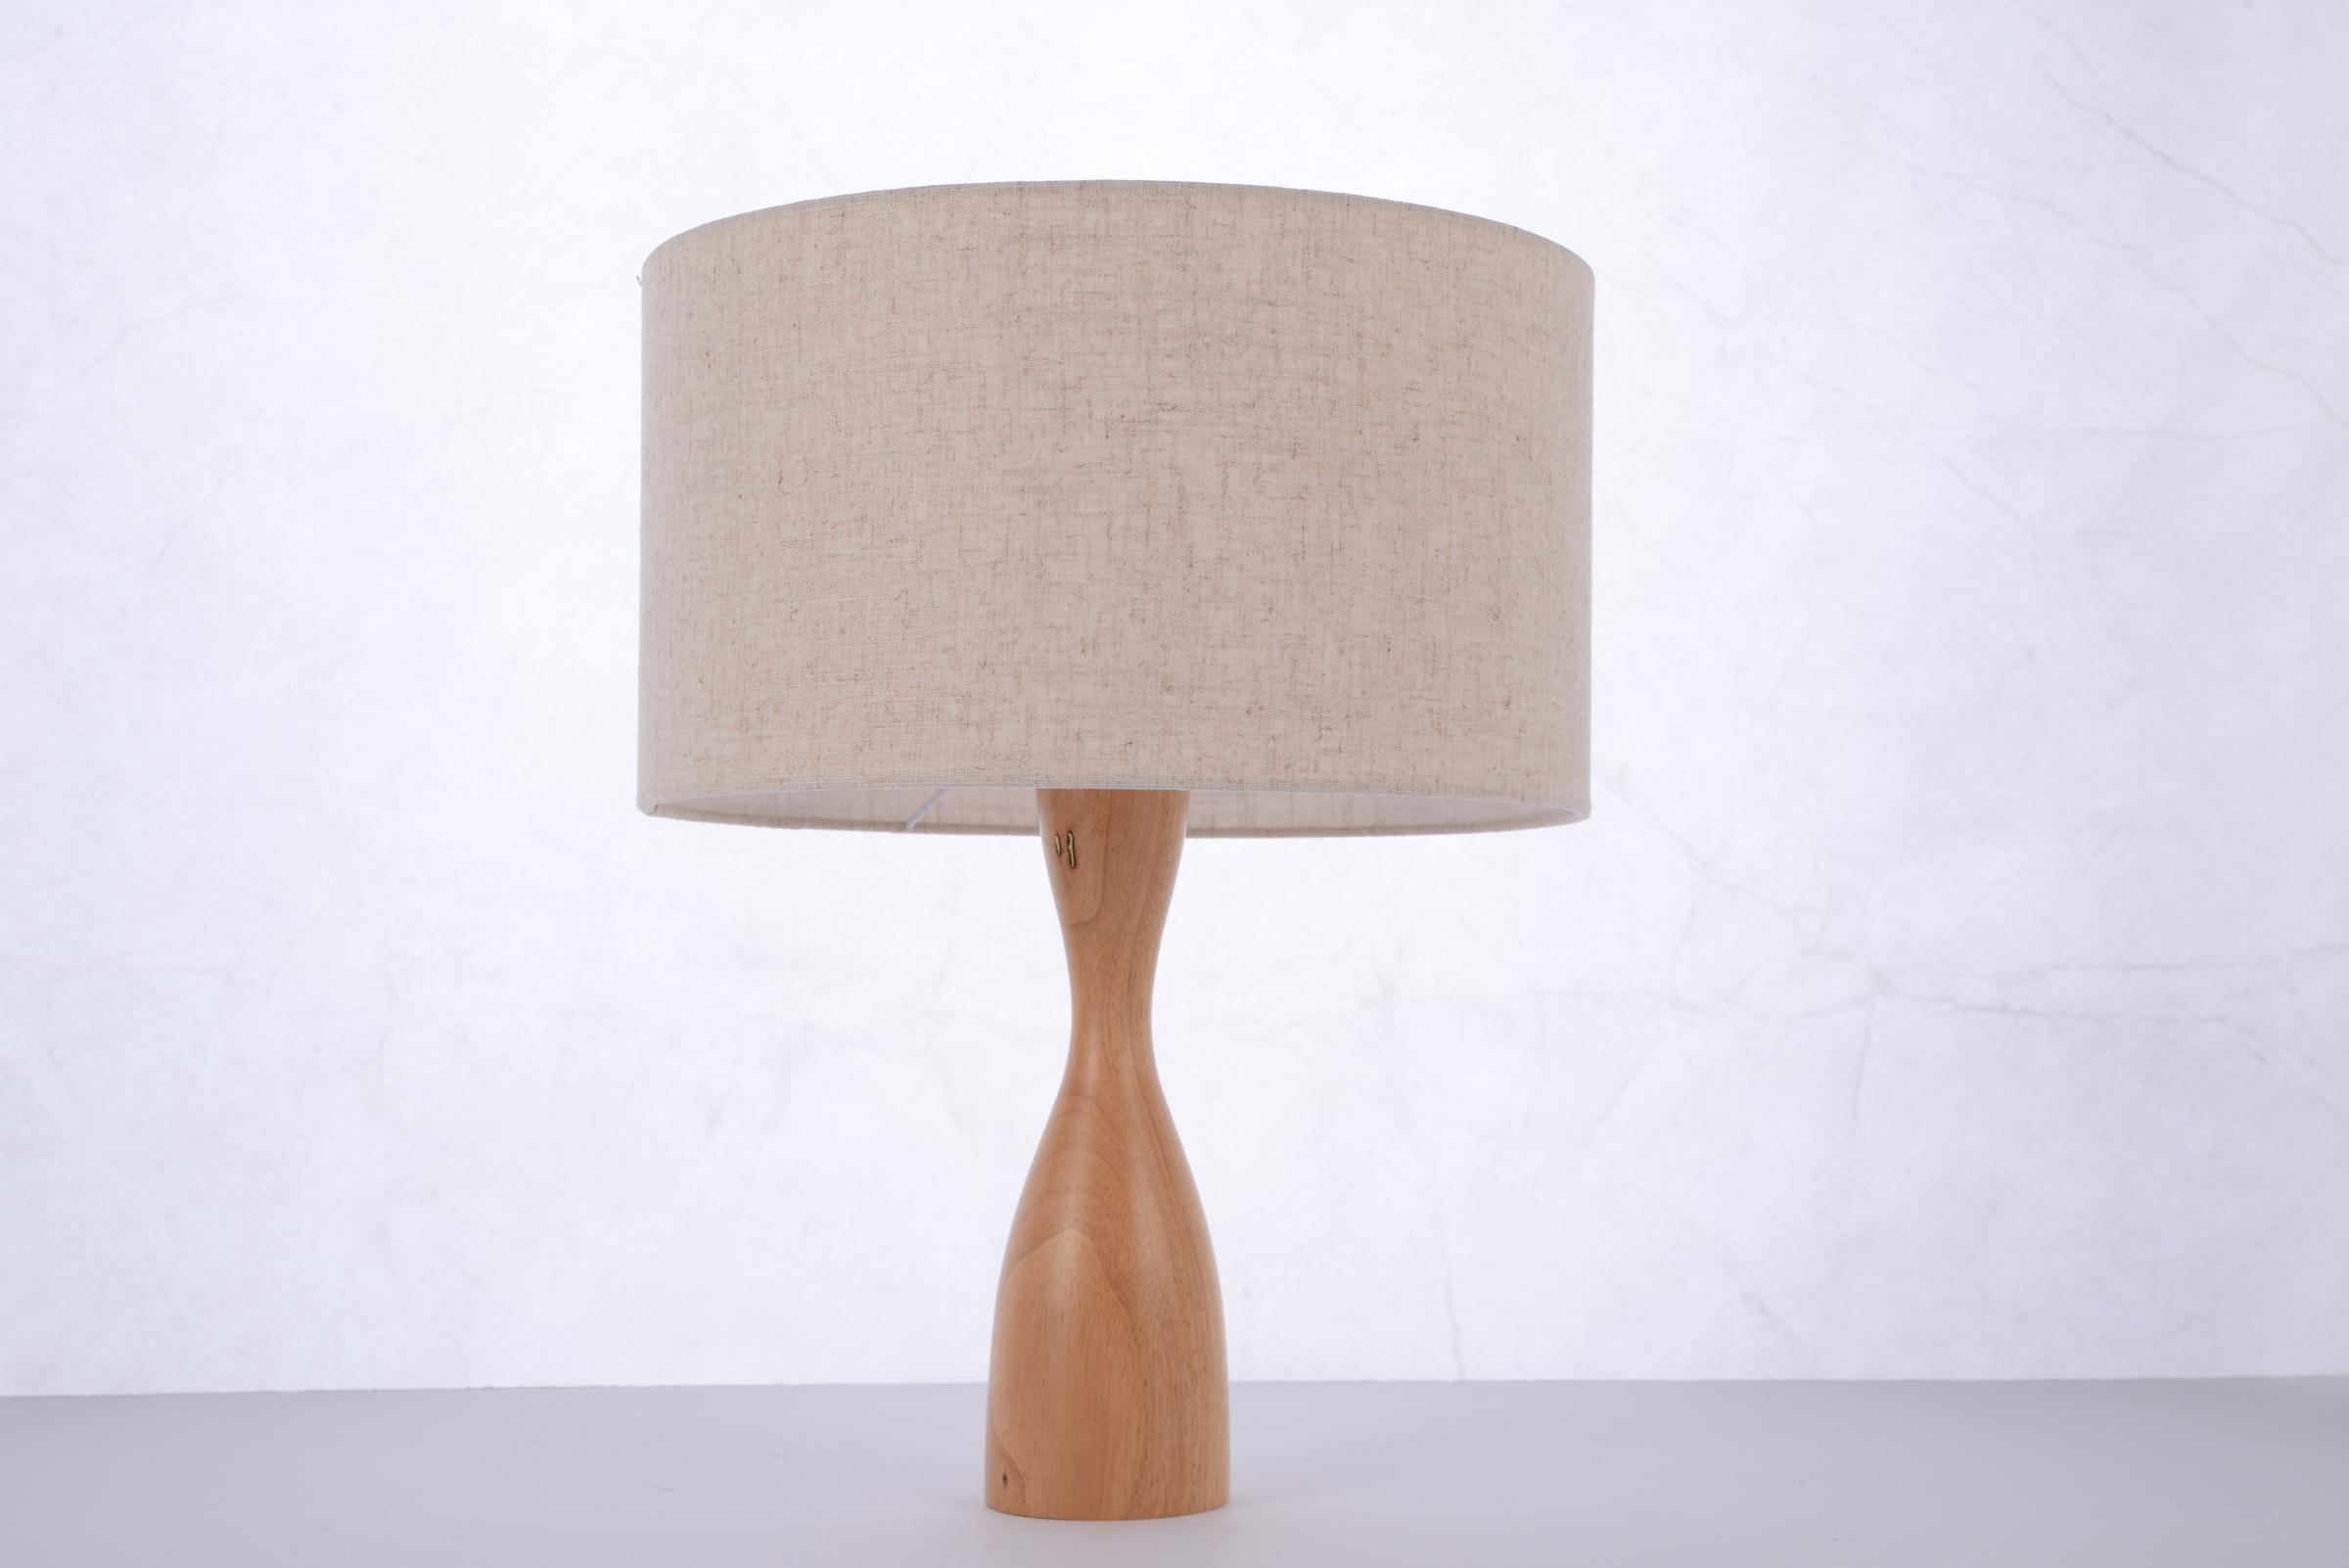 โคมไฟตั้งโต๊ะ 65015